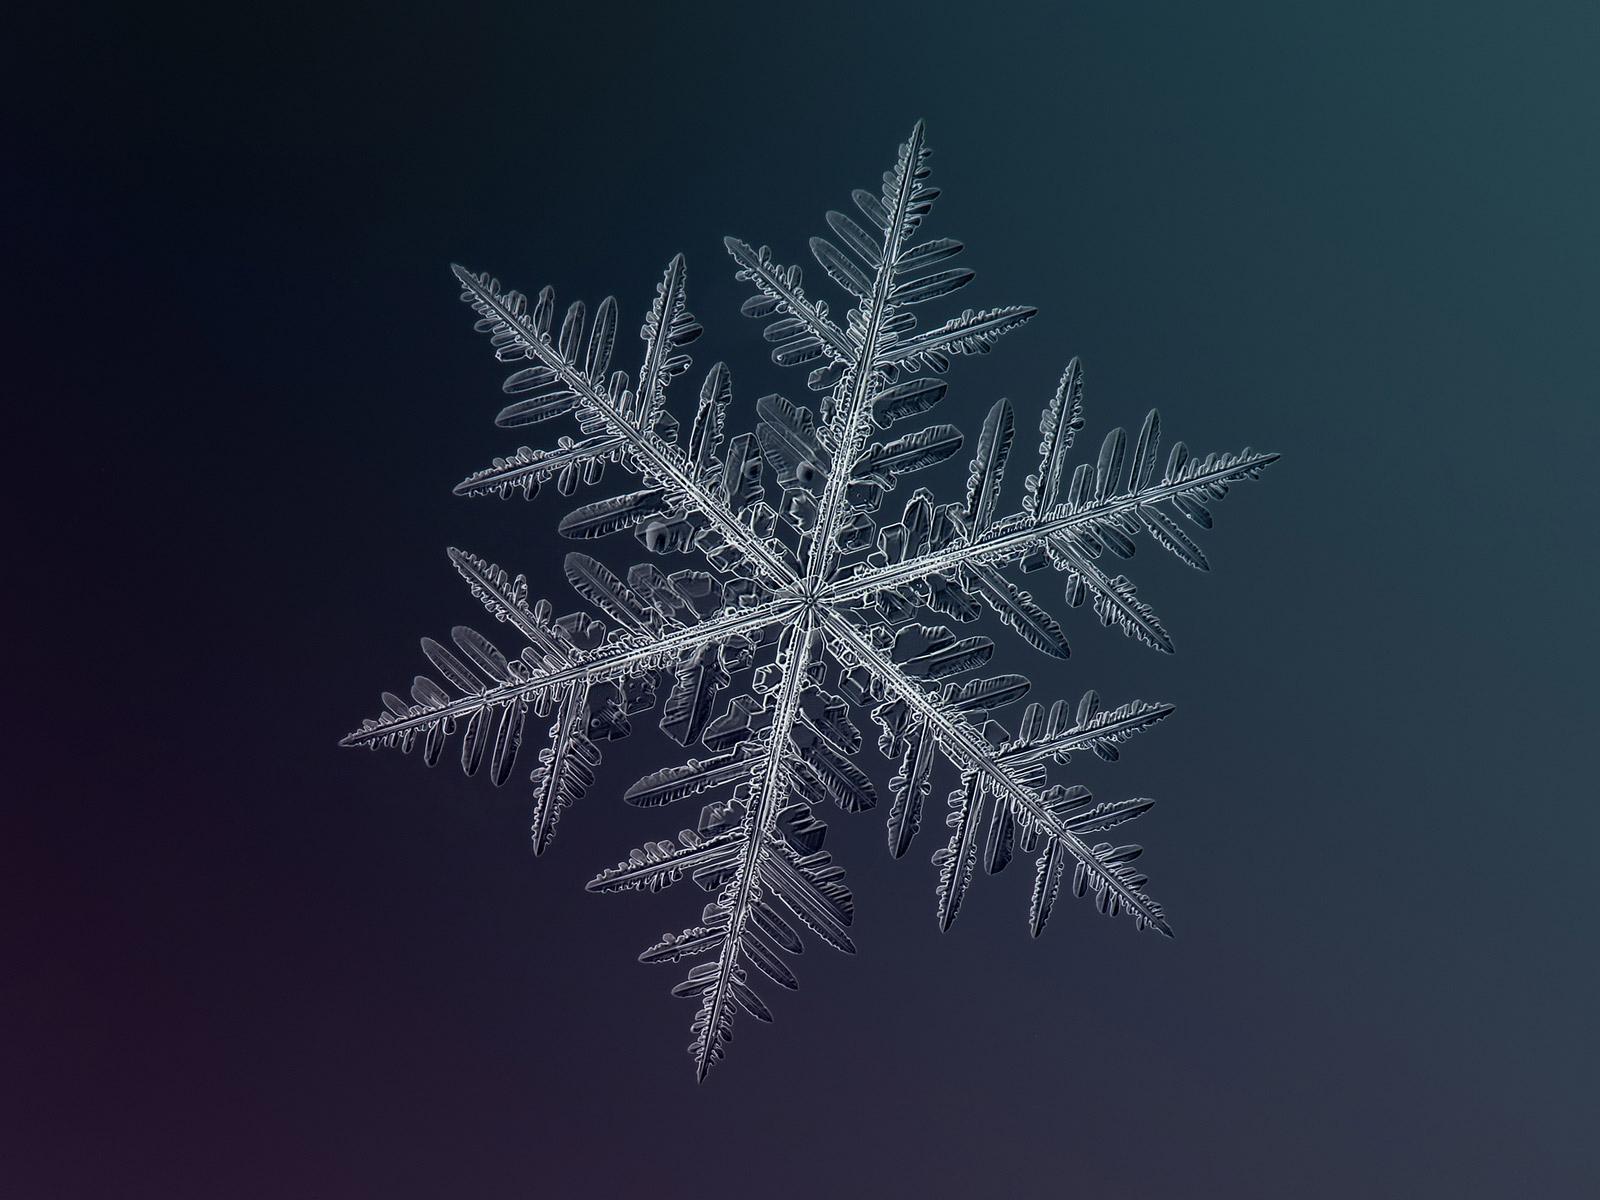 magnified-snowflakes-alexey-kljatov-13